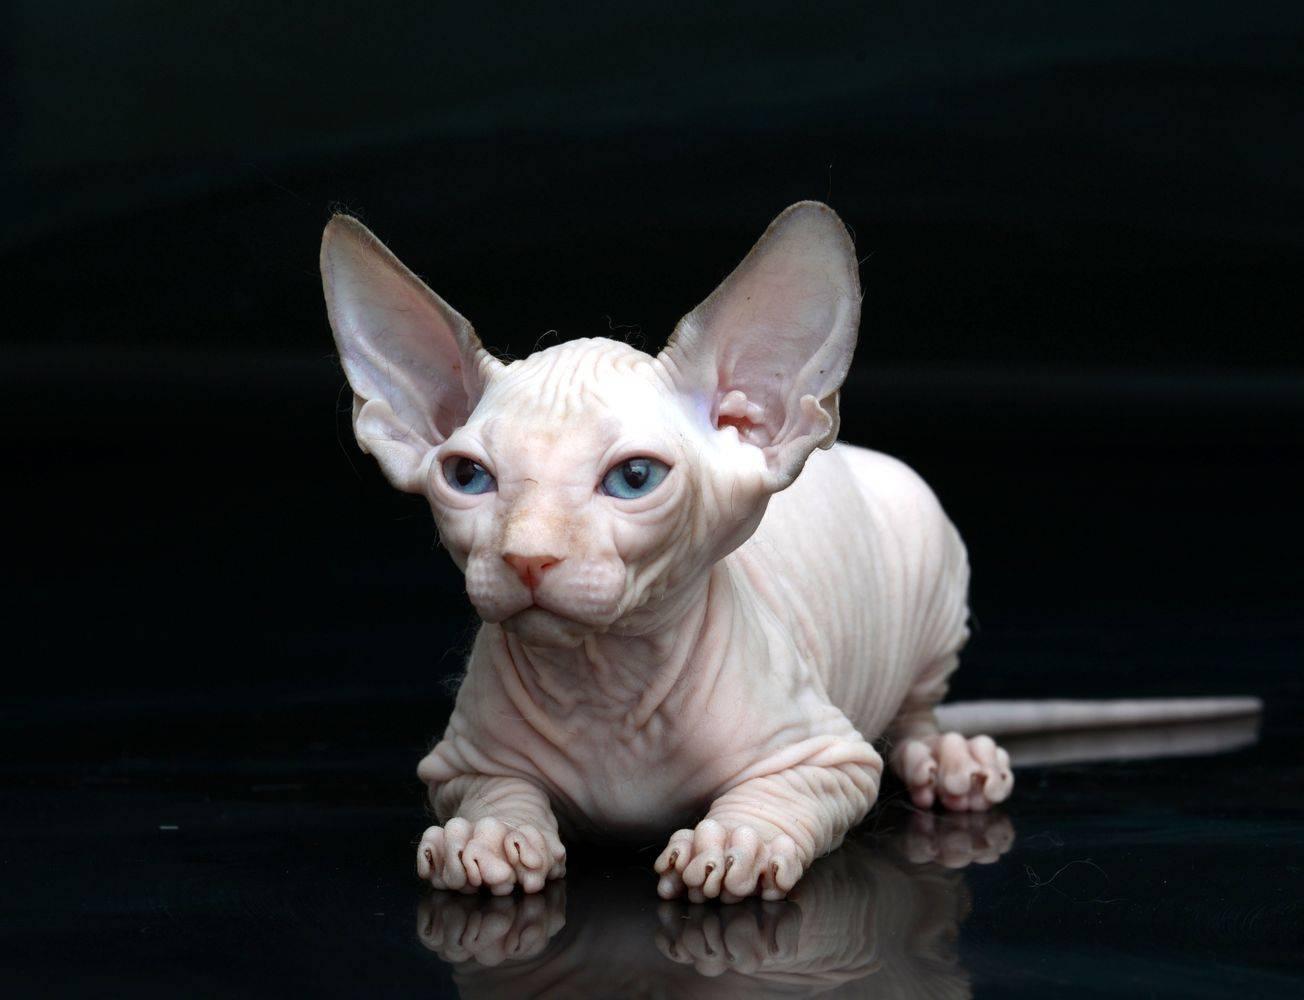 Кошка эльф: фото, описание породы, характер, содержание